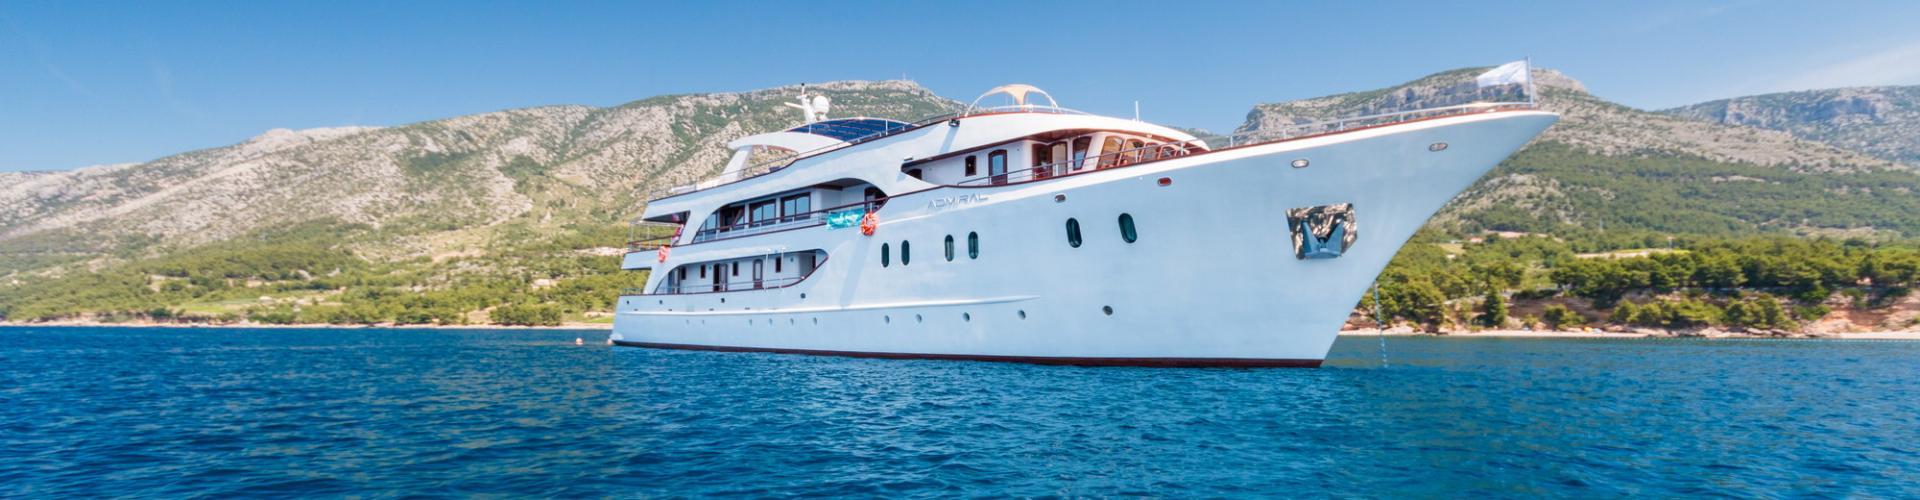 barca a motore Deluxe nave da crociera MV Admiral